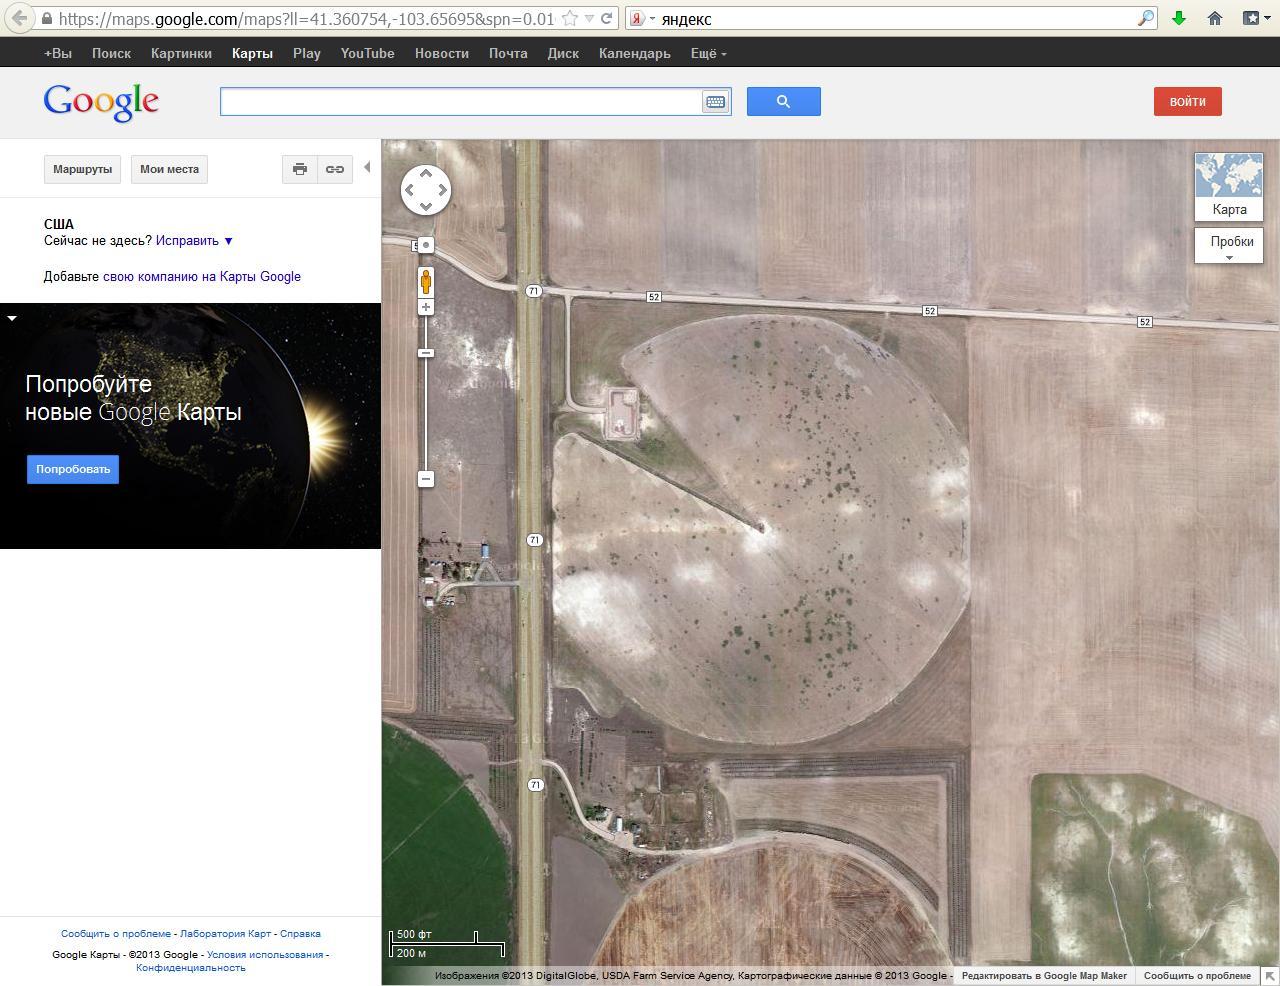 На картах Google на полях Небраски замечен Pac-Man